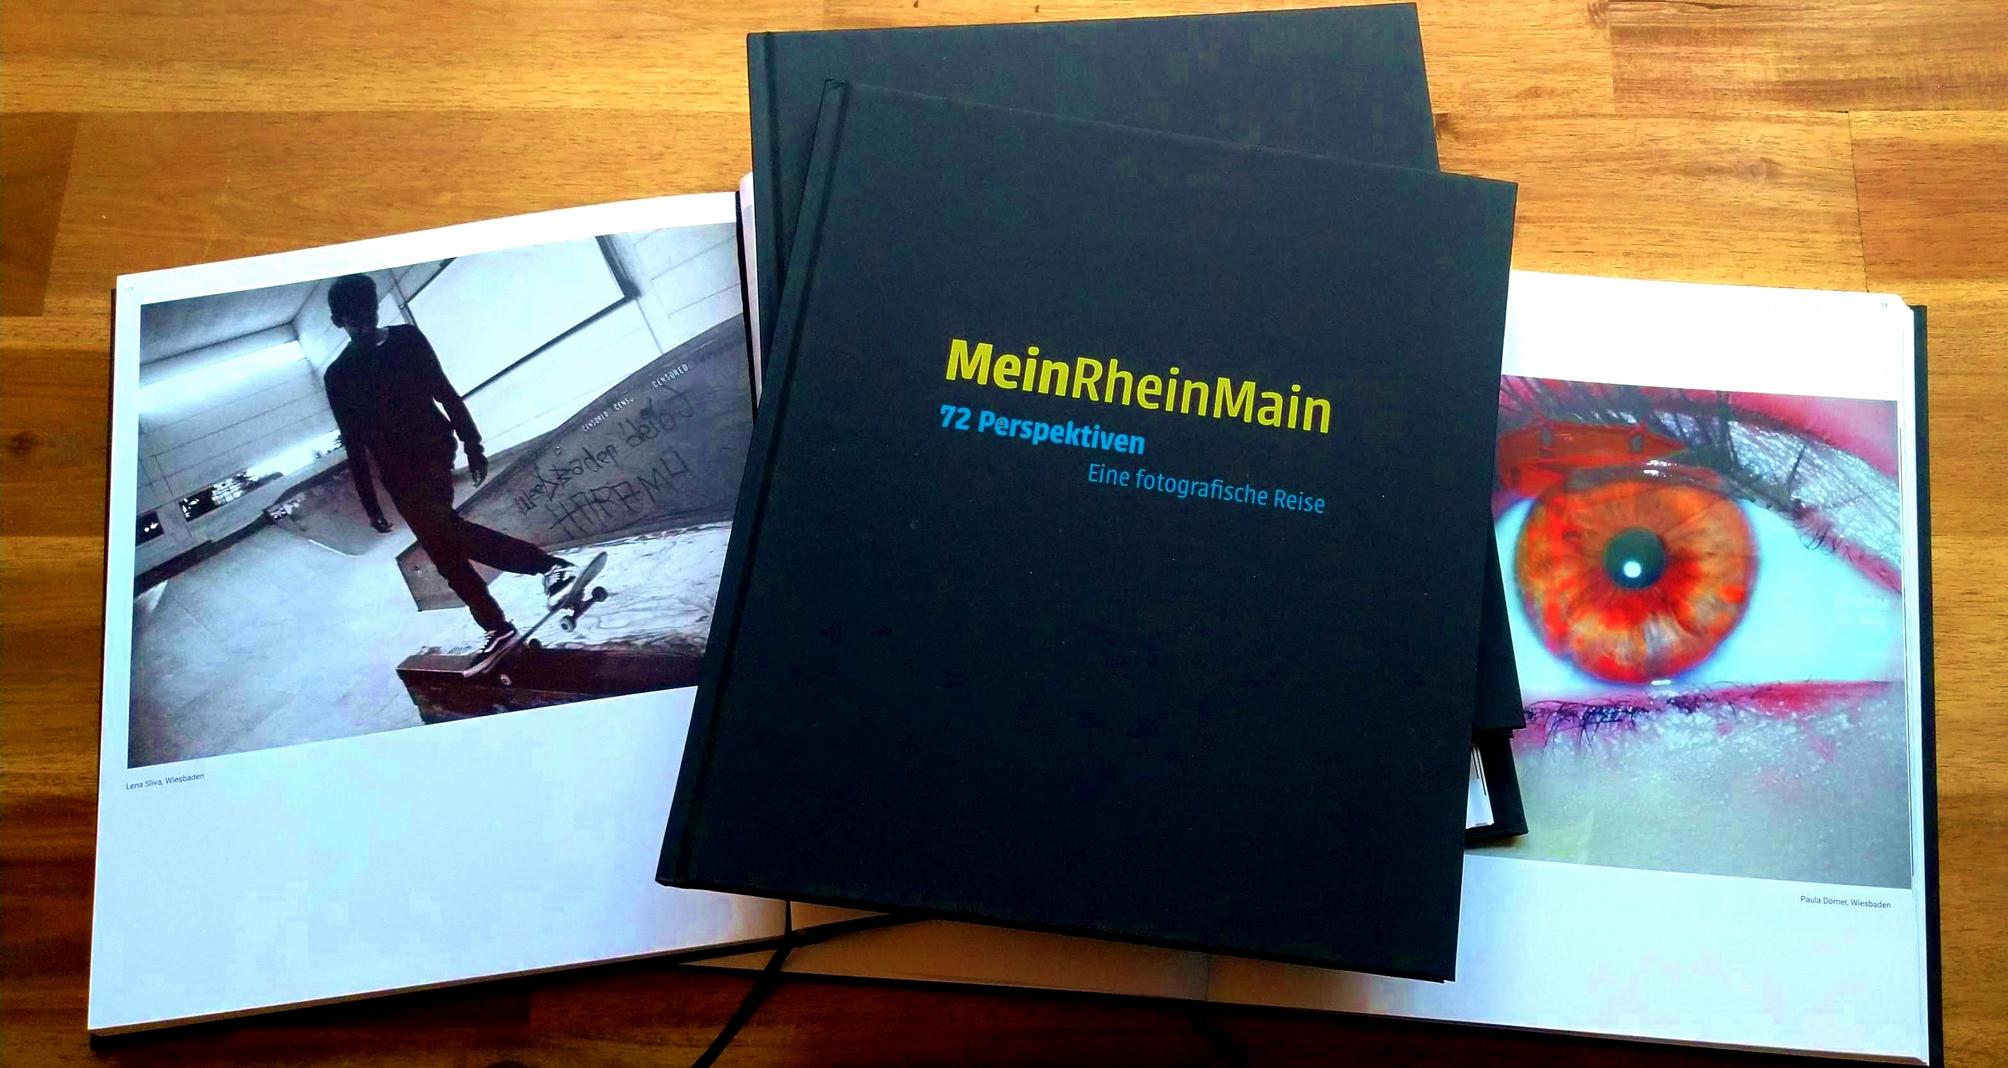 MeinRheinMain.png